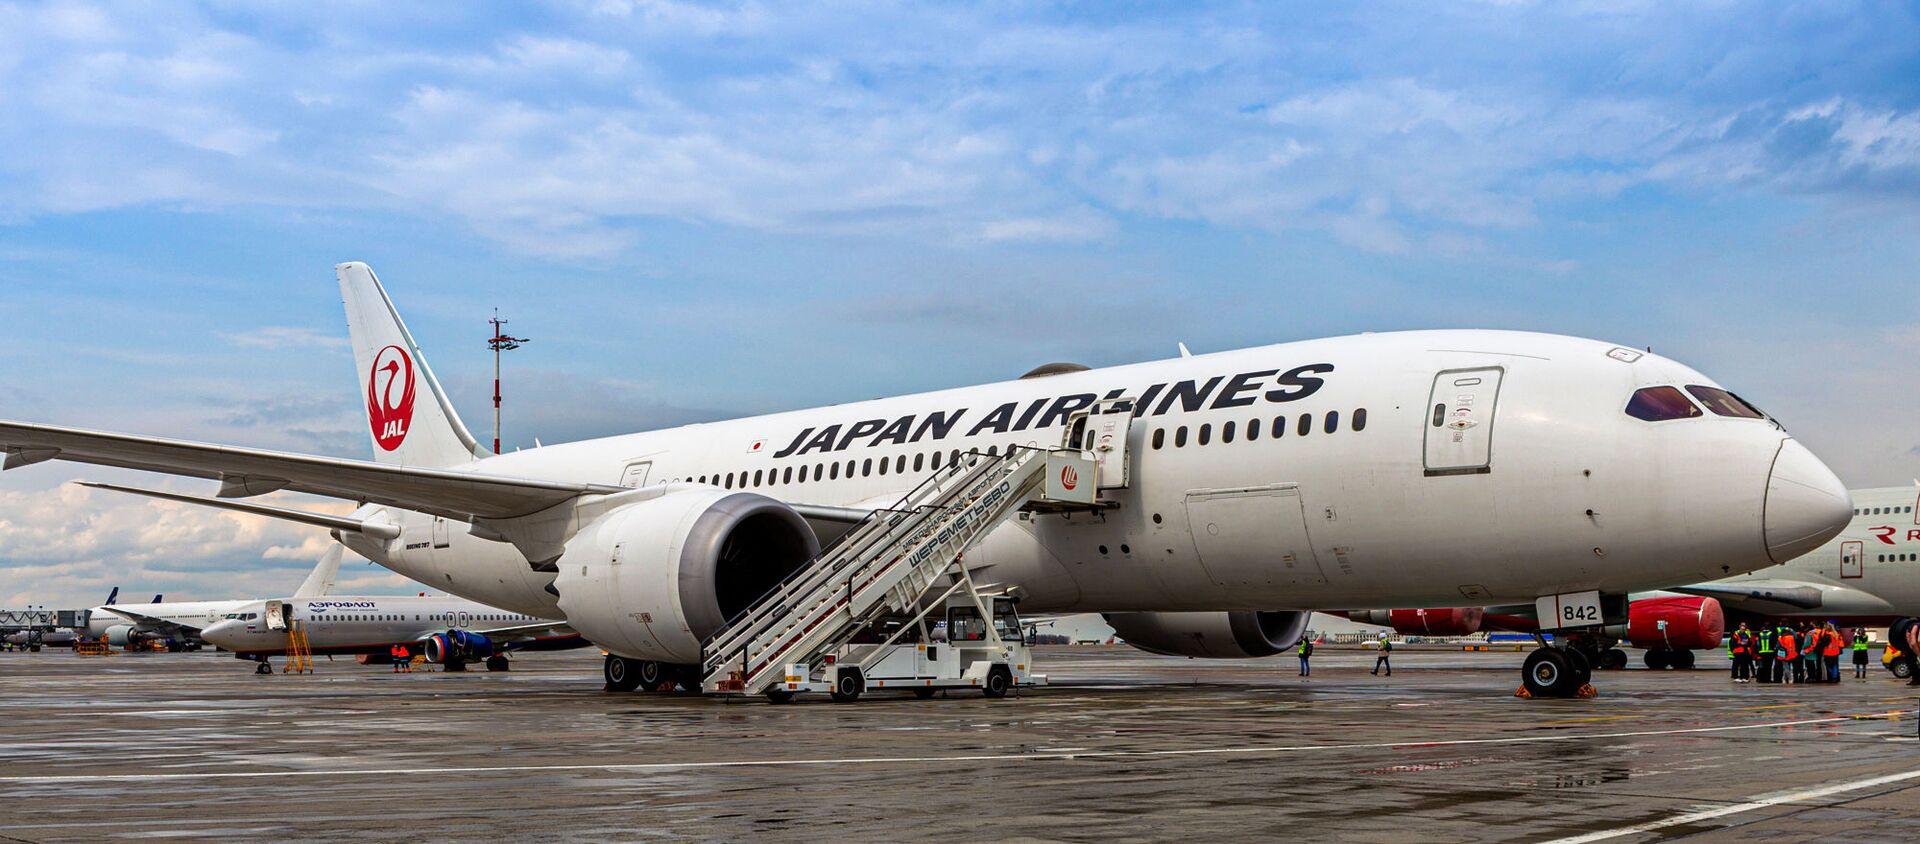 Самолет boeing 787 dreamliner, совершивший первый рейс по маршруту Шереметьево (Москва) – Ханеда (Токио)   - Sputnik 日本, 1920, 29.04.2021